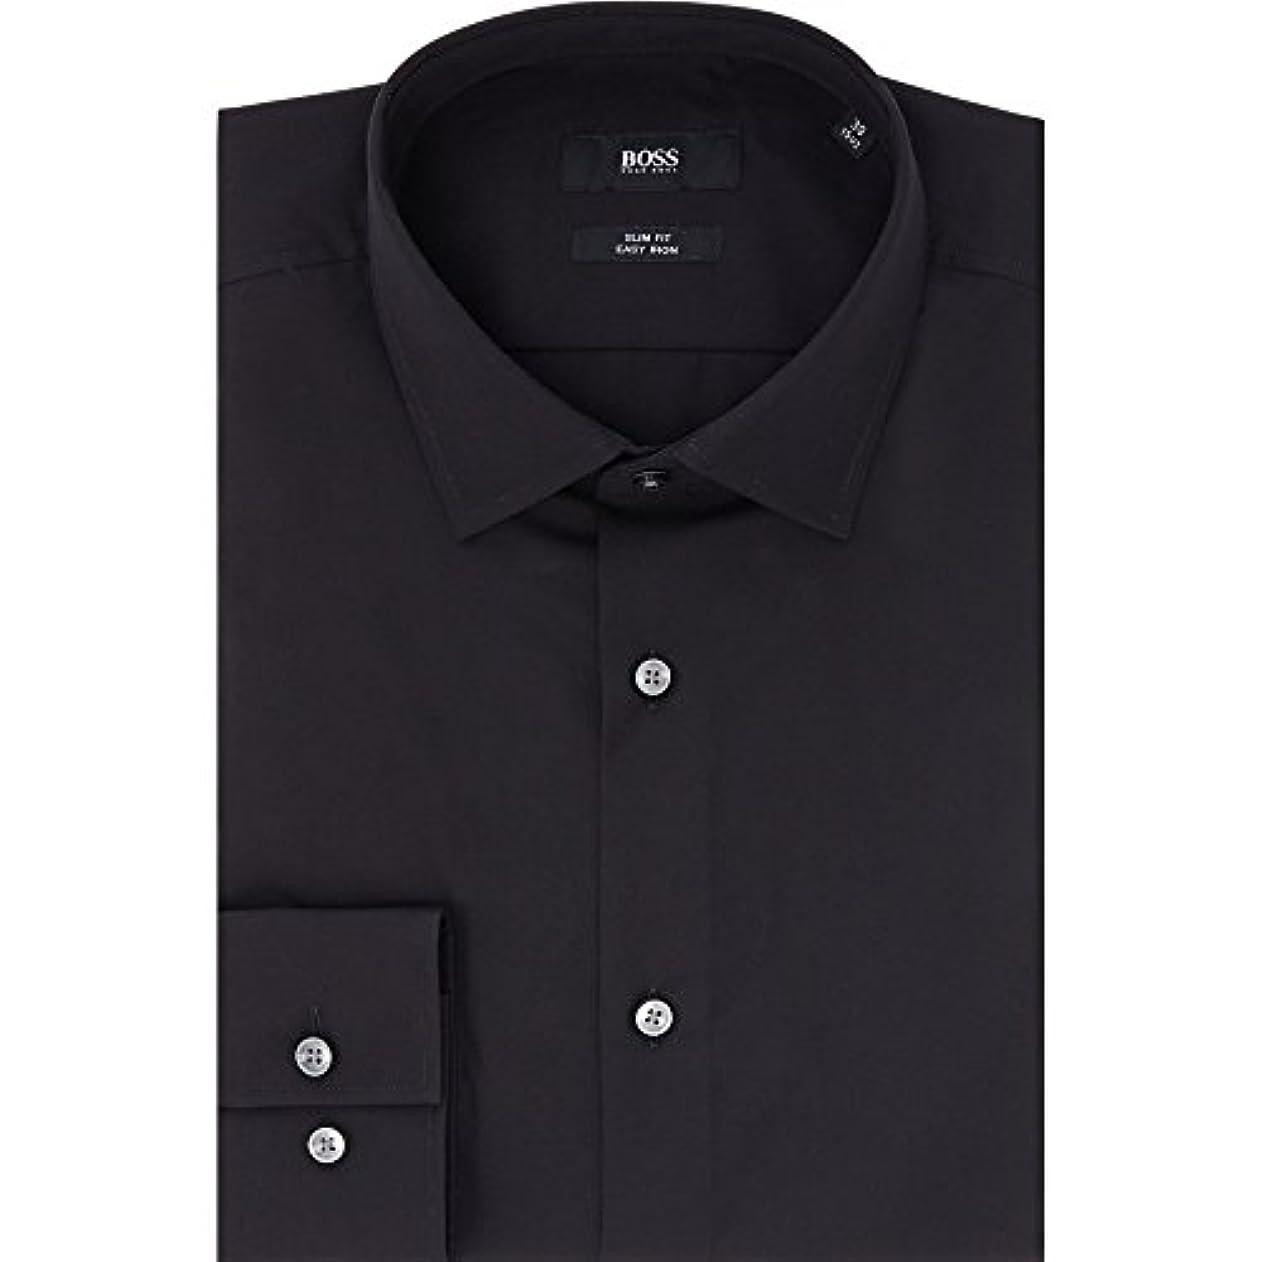 チャペル交換接続された(ヒューゴ ボス) Hugo Boss メンズ トップス シャツ Slim Fit Classic Poplin Shirt [並行輸入品]